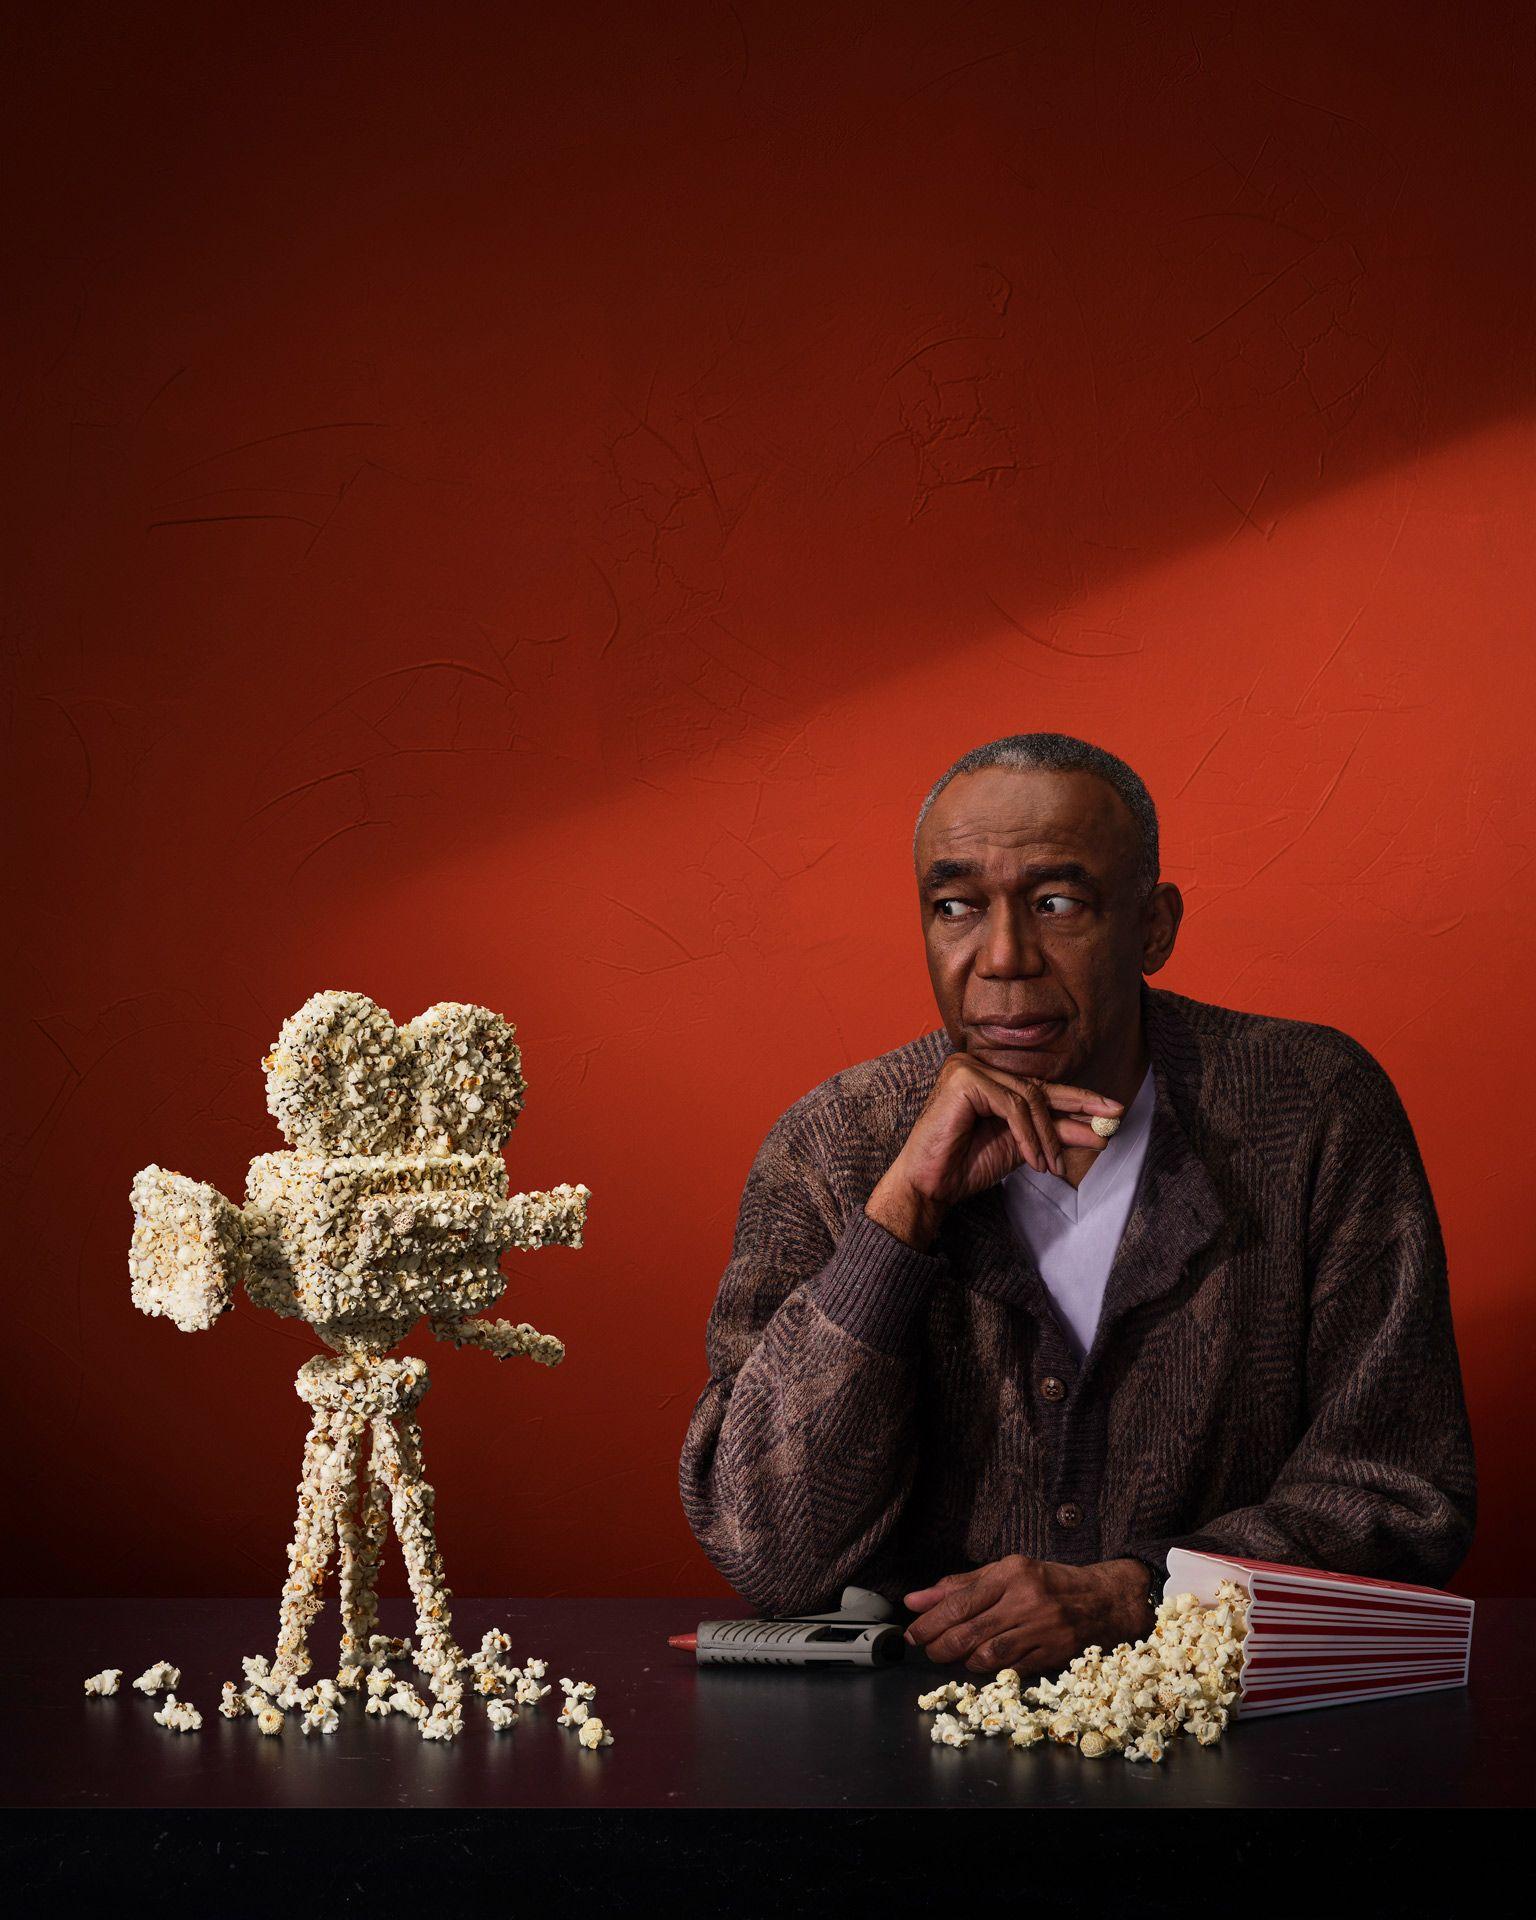 Un acteur qui a sculpté une caméra avec du pop corn fixe sa sculpture avec son pistolet à colle devant un fond rouge.